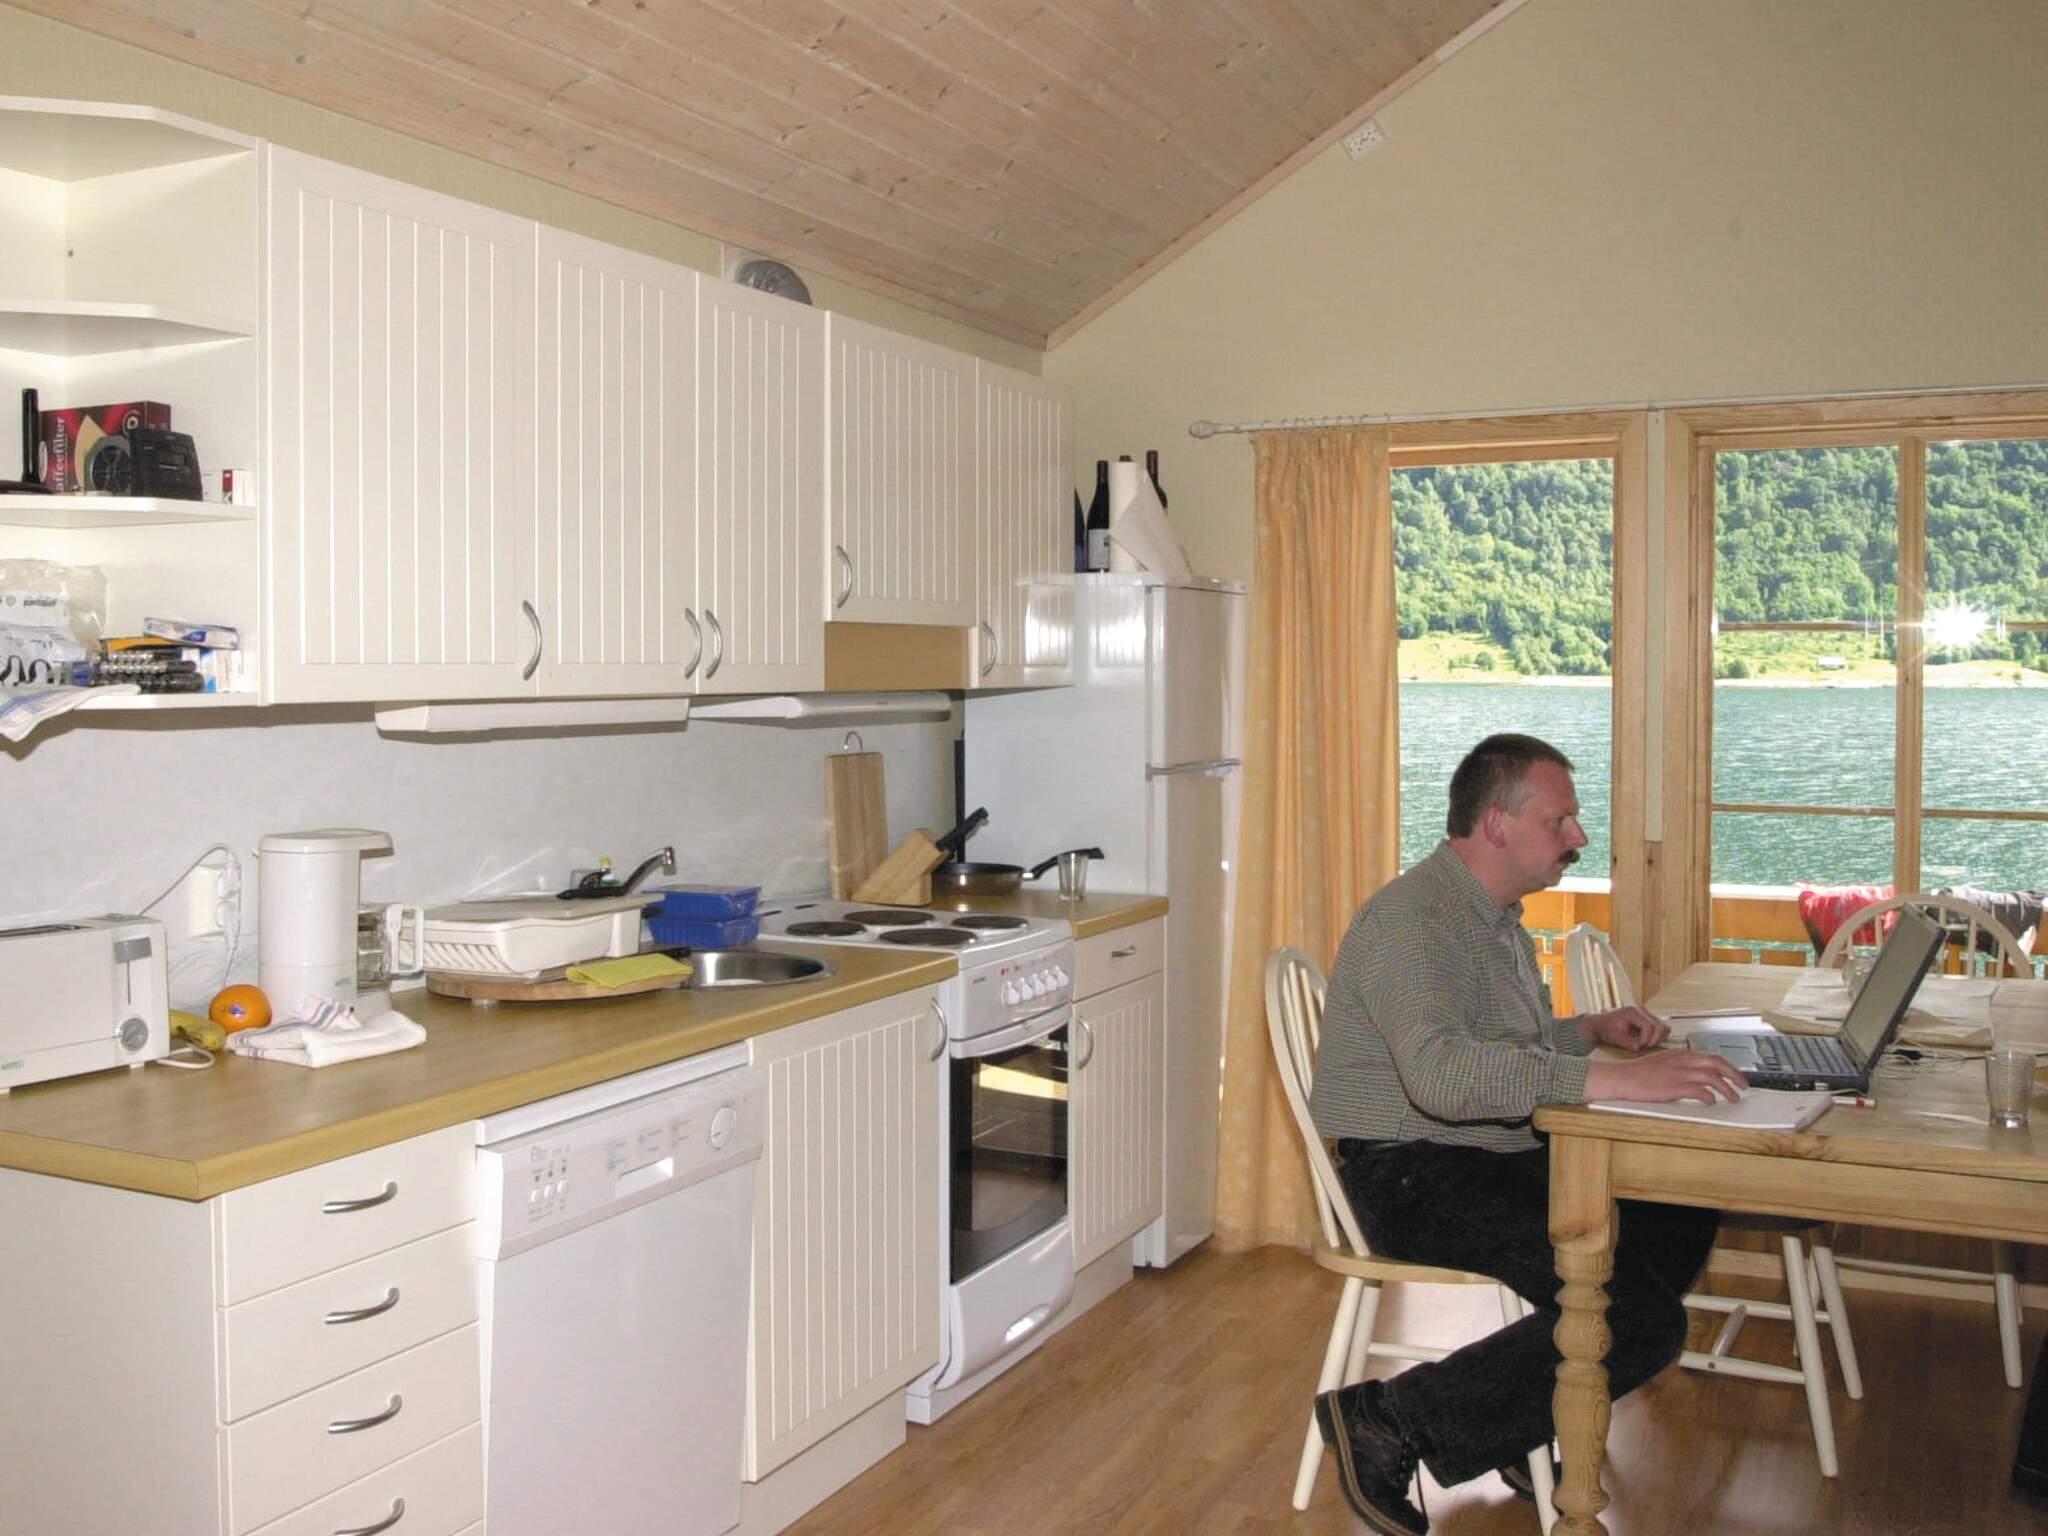 Ferienhaus Slinde (82396), Slinde, Sognefjord - Nordfjord, Westnorwegen, Norwegen, Bild 13